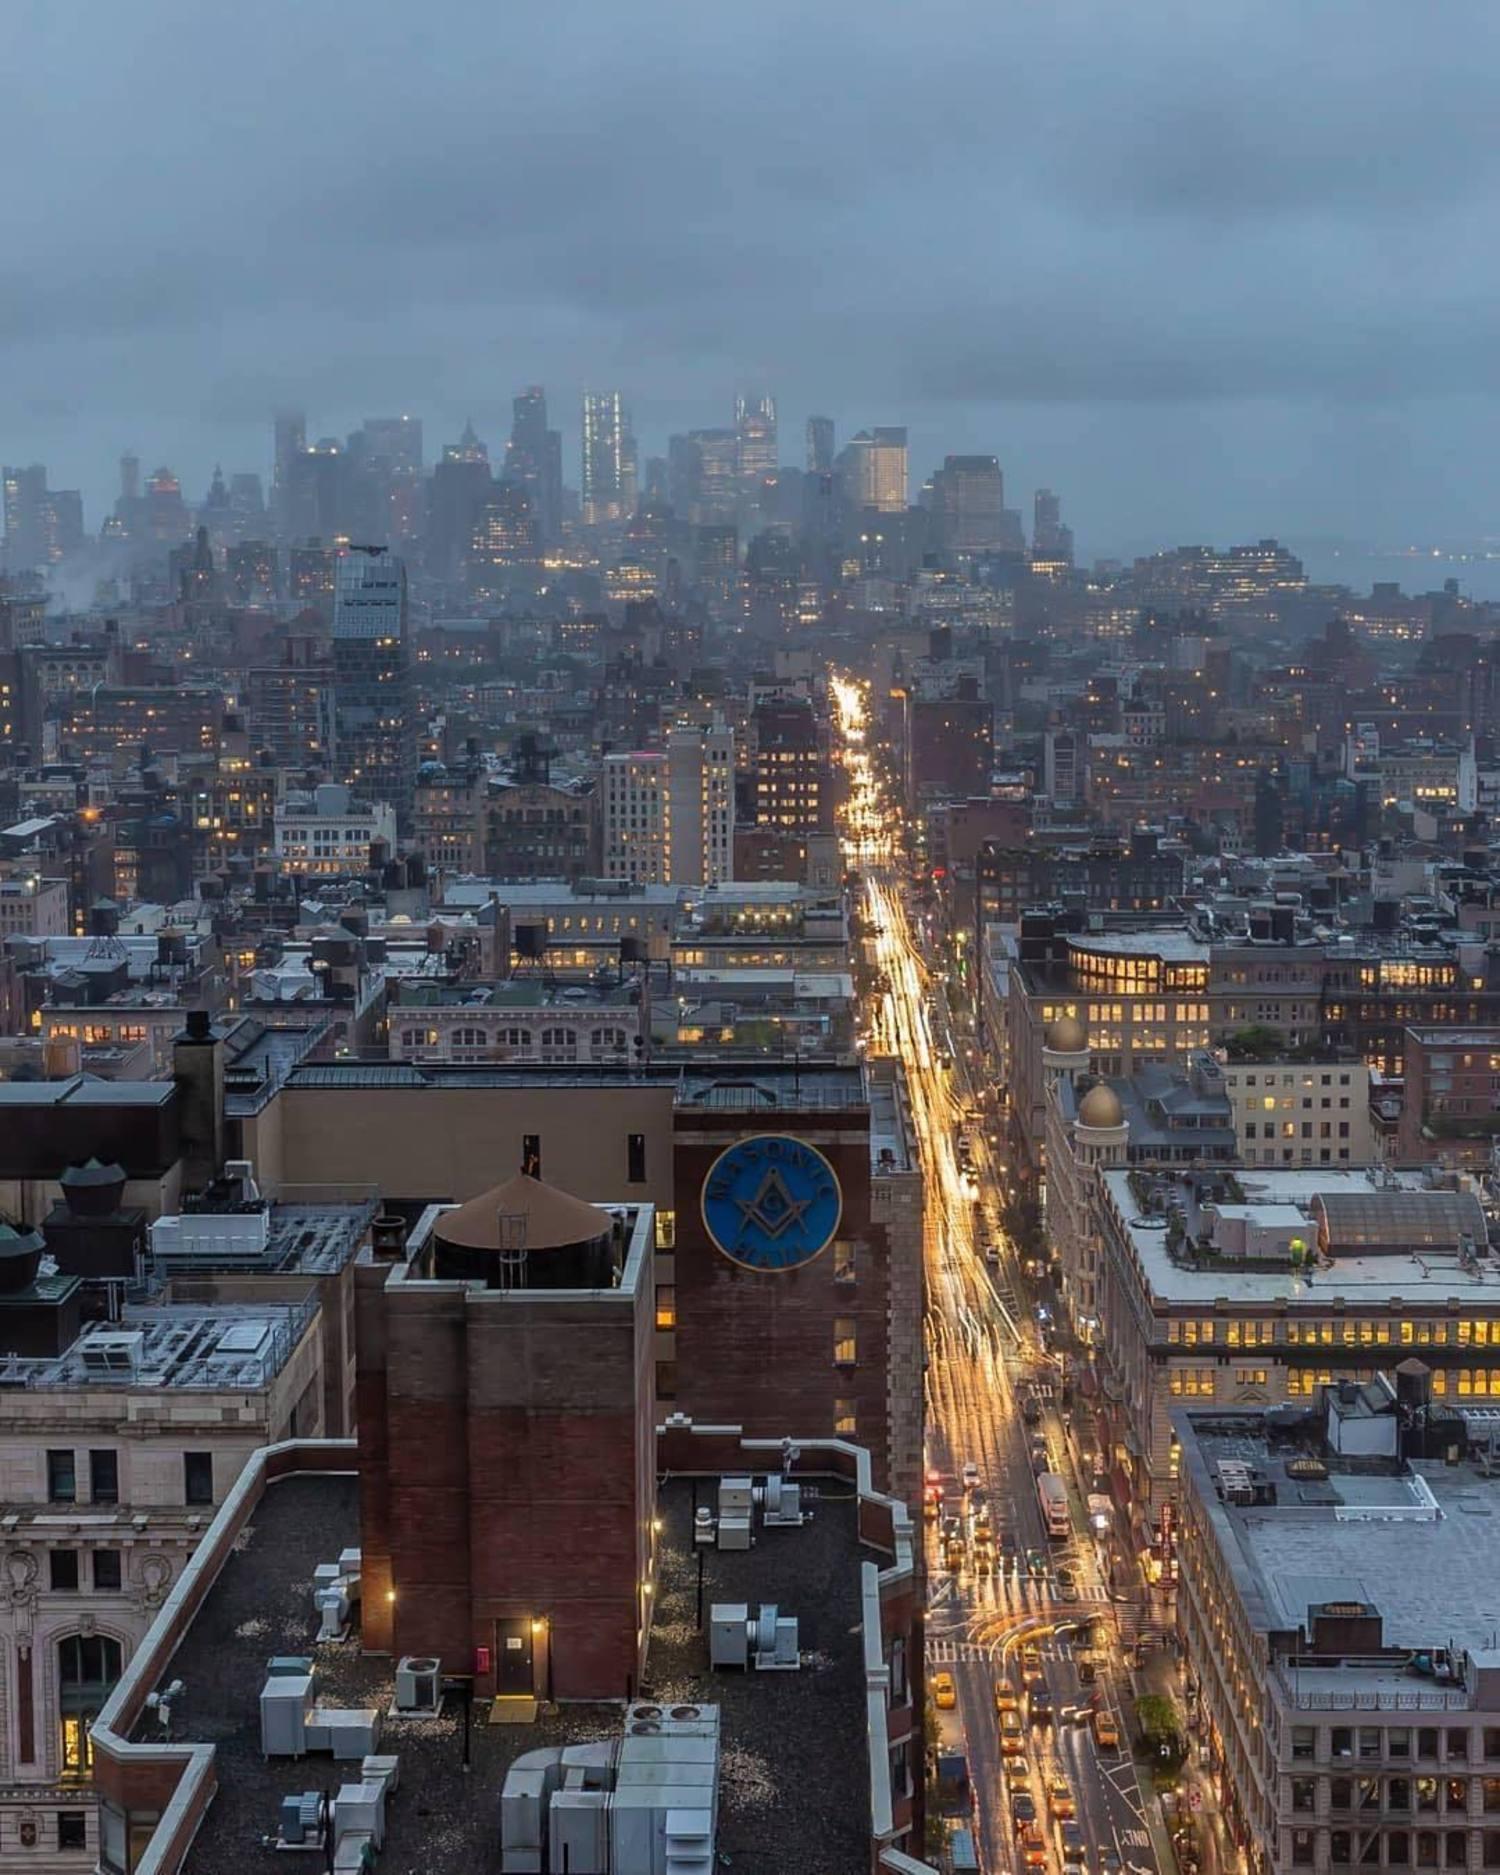 New York, New York. Photo via @killahwave #viewingnyc #nyc #newyork #newyorkcity #rain